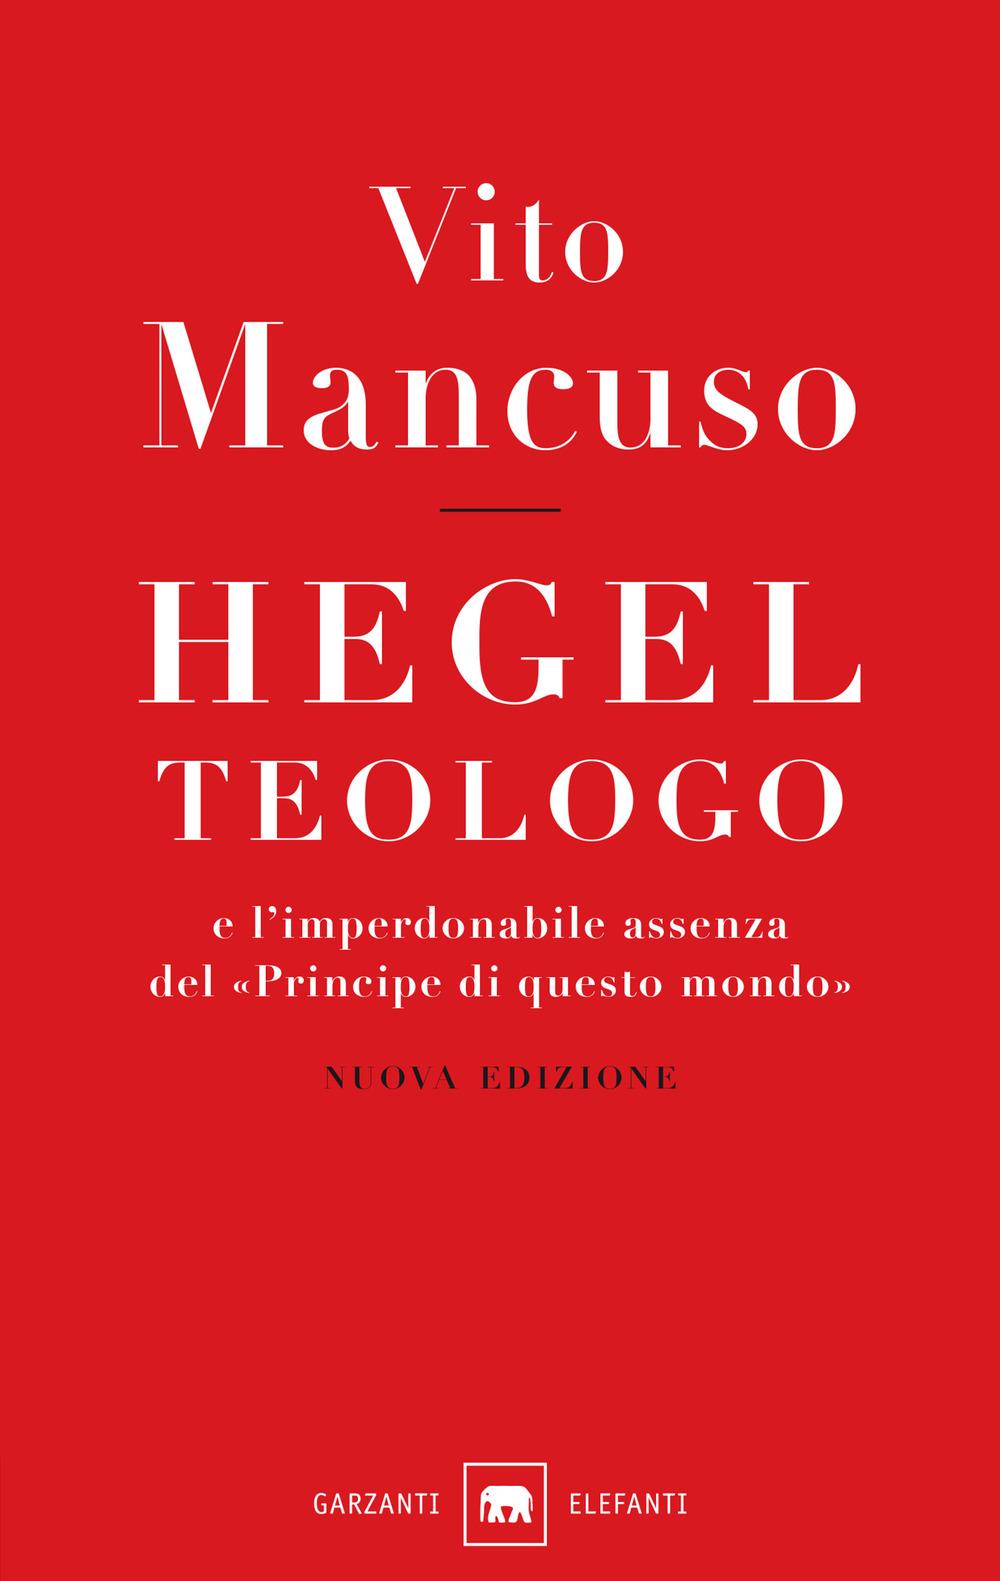 HEGEL TEOLOGO E L'IMPERDONABILE ASSENZA DEL «PRINCIPE DI QUESTO MONDO» - 9788811601944